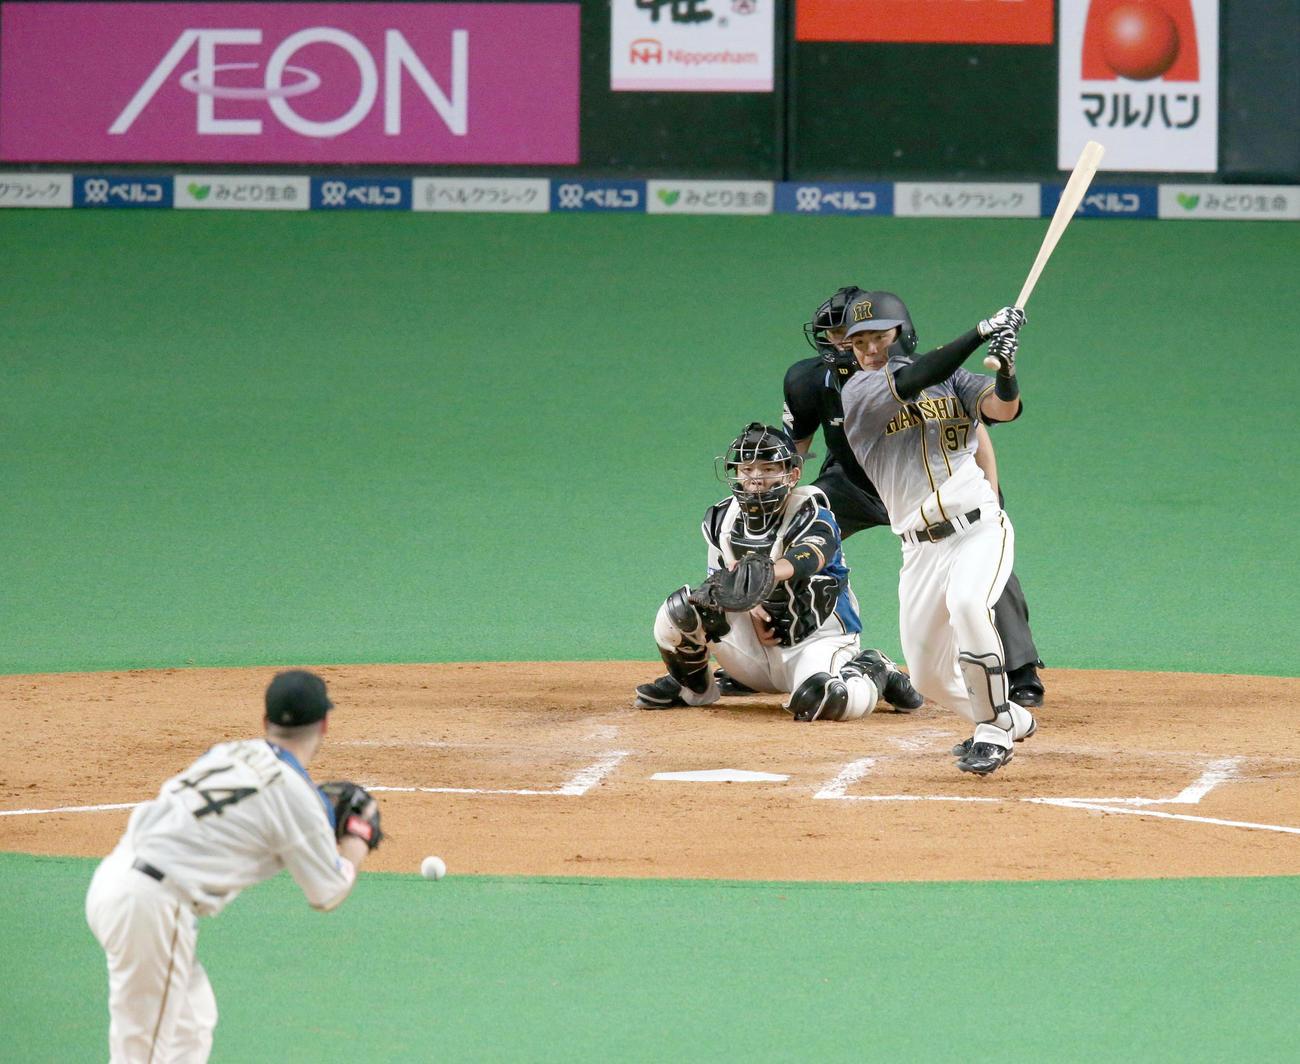 日本ハム対阪神 5回表阪神無死、小野寺はプロ初安打となる中前打を放つ。投手は日本ハム・アーリン(撮影・佐藤翔太)